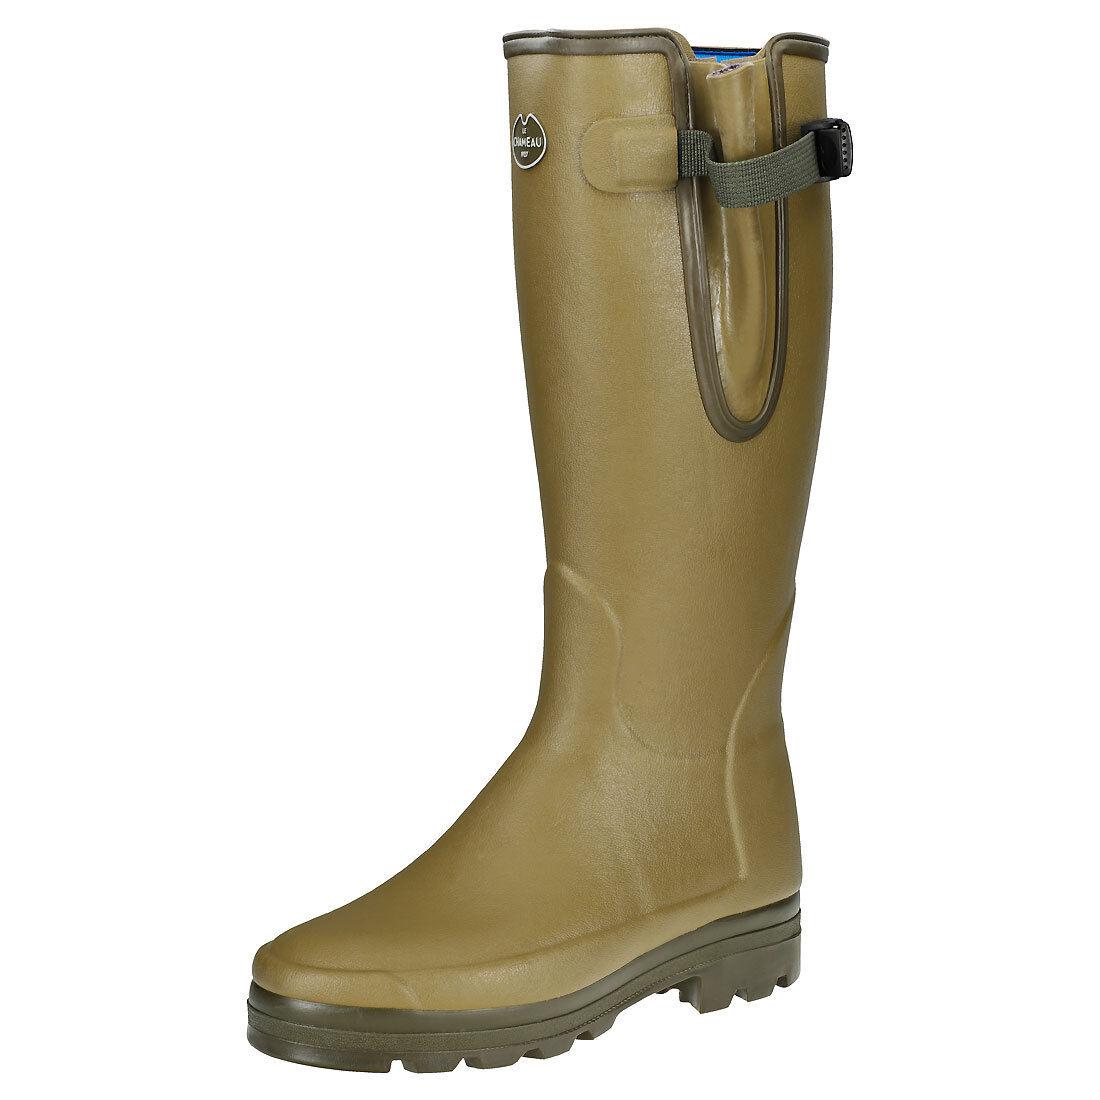 Le Chameau Vierzonord M para Hombre botas Wellington Goma verde - 42 de la UE